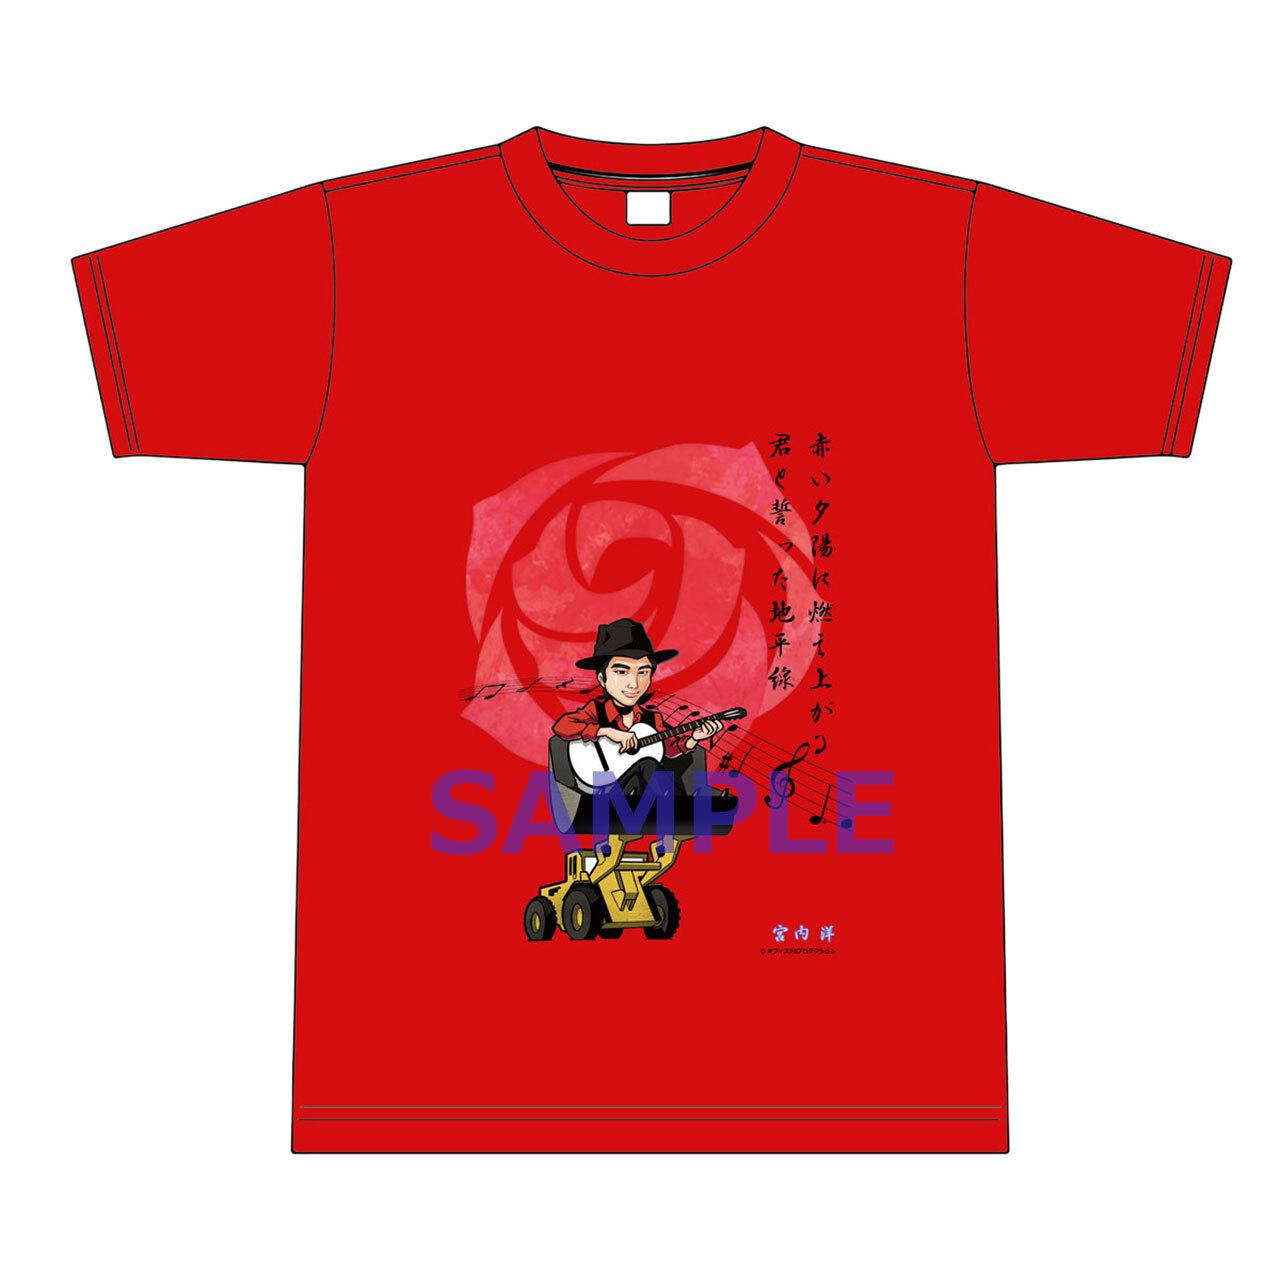 【4589839361309先】宮内洋 Tシャツ A /M